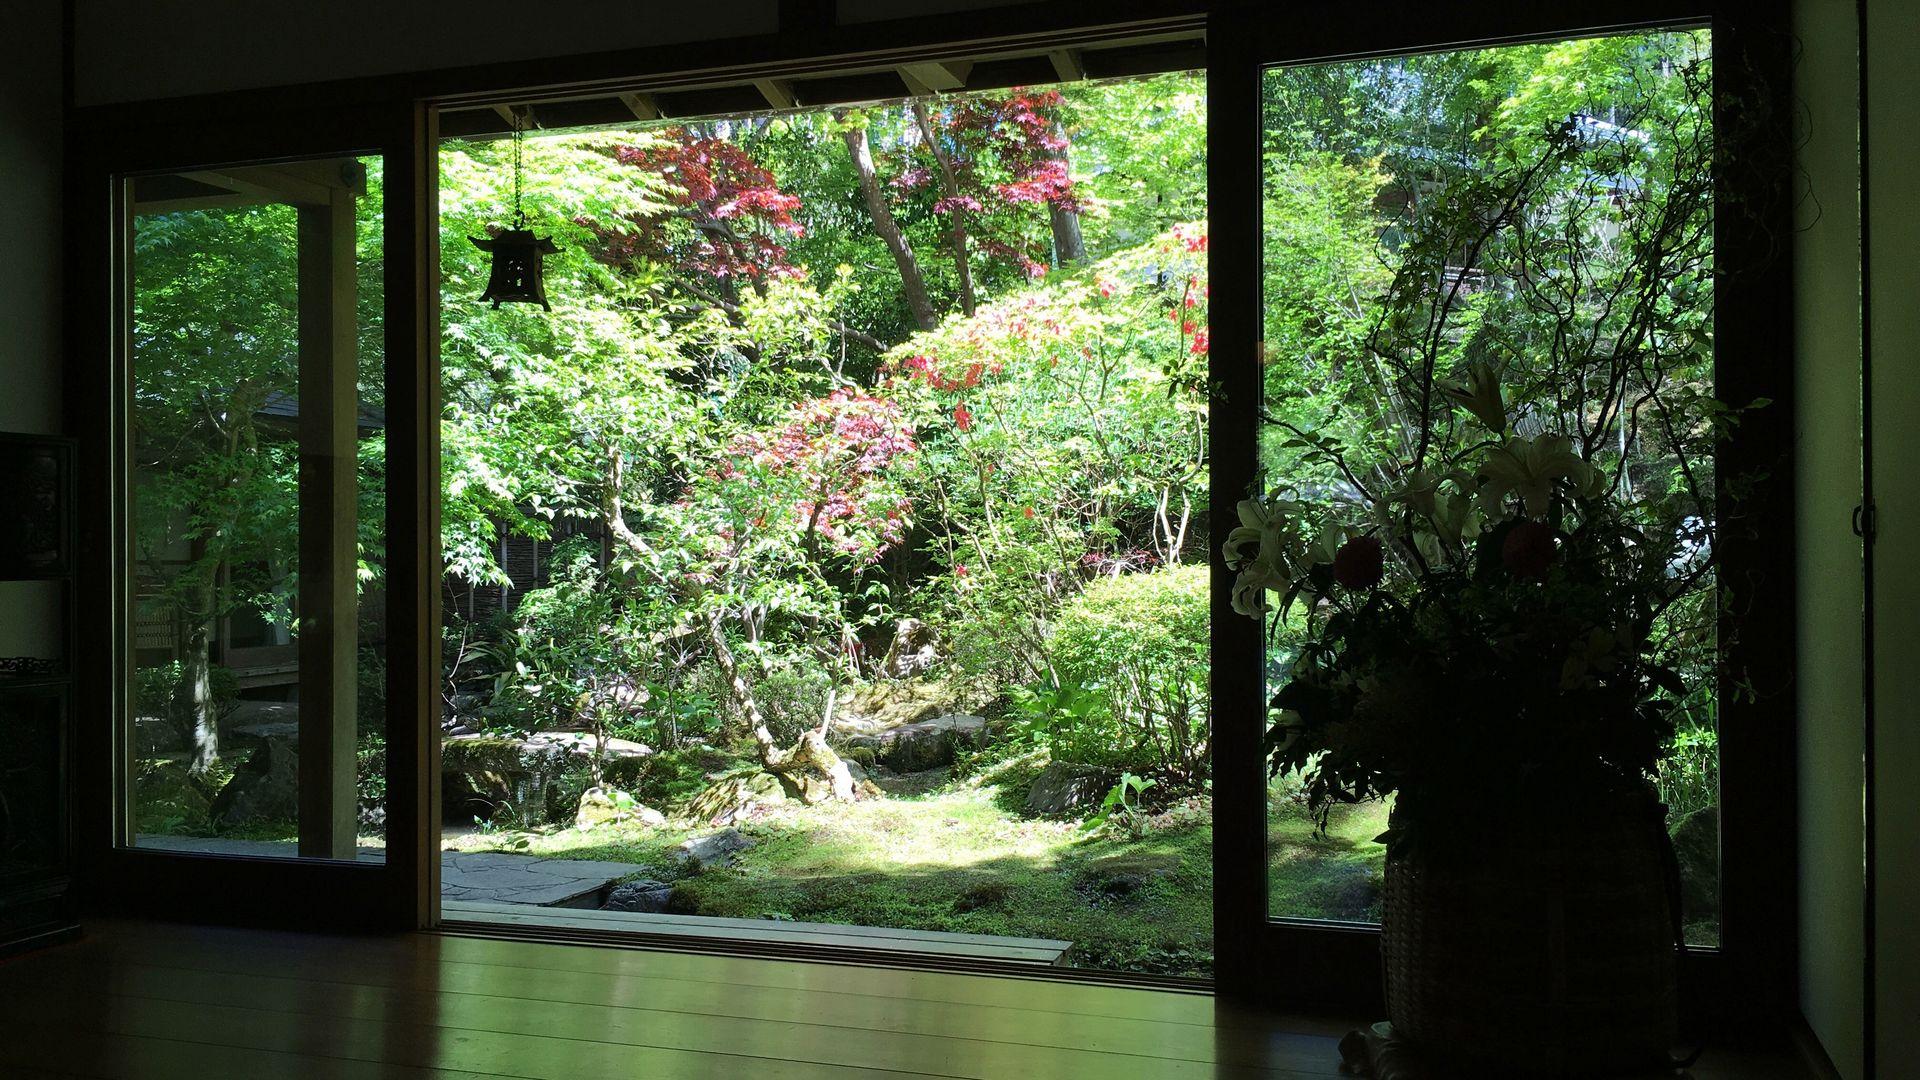 宝泉院の客室から望む庭園